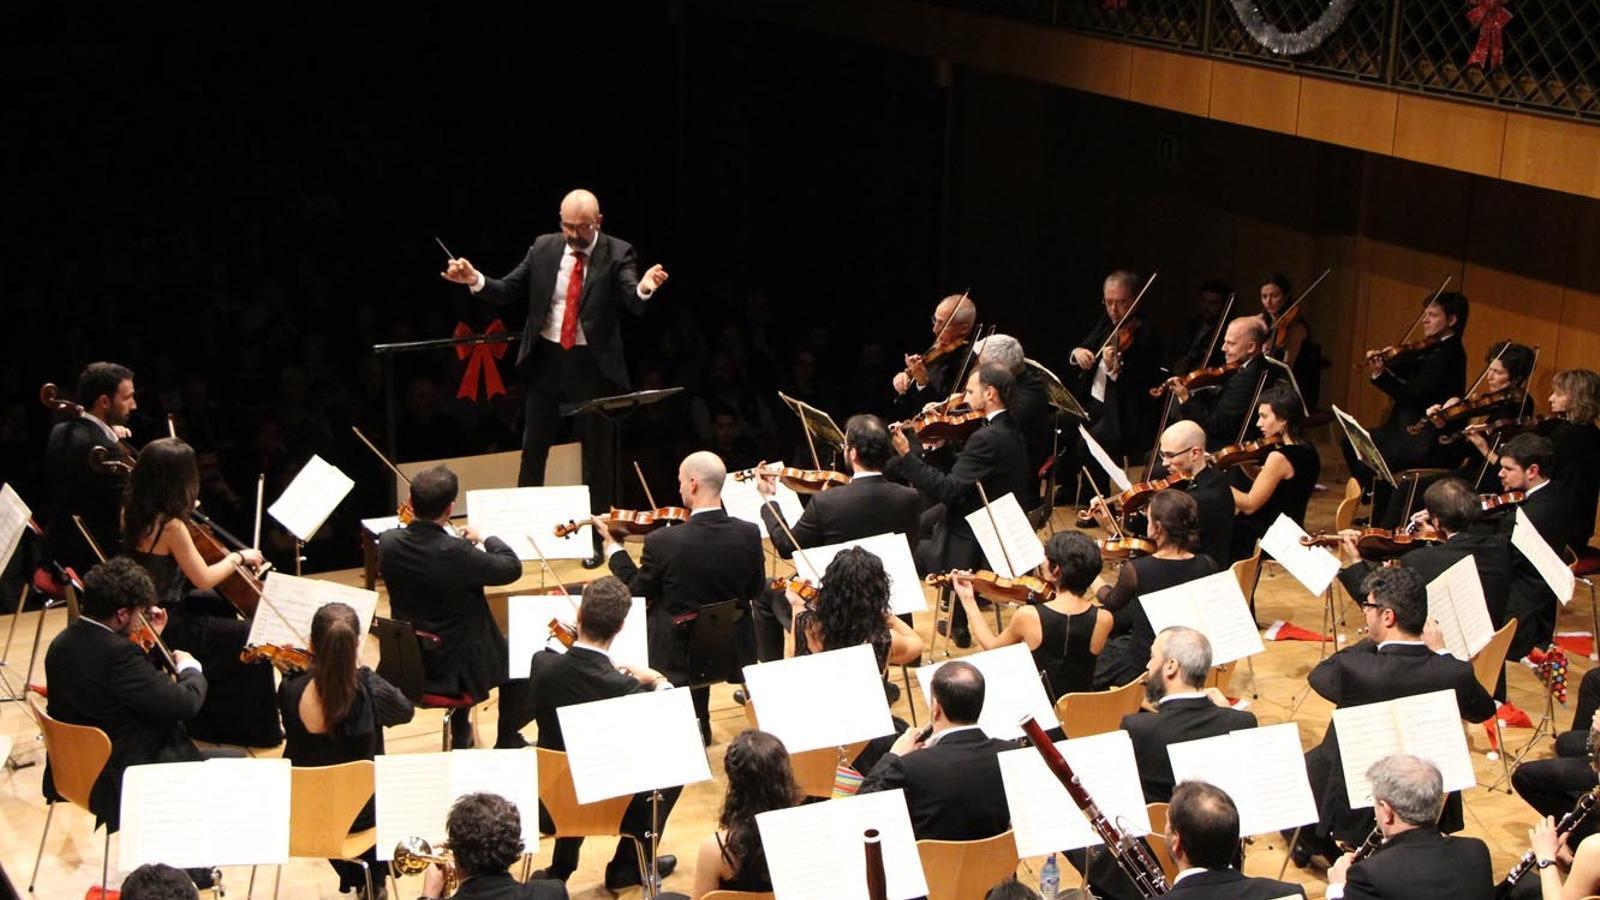 El Concert de Cap d'Any celebrat l'1 de gener d'aquest any sota la batuta de Marzio Conti. / ARXIU ANA